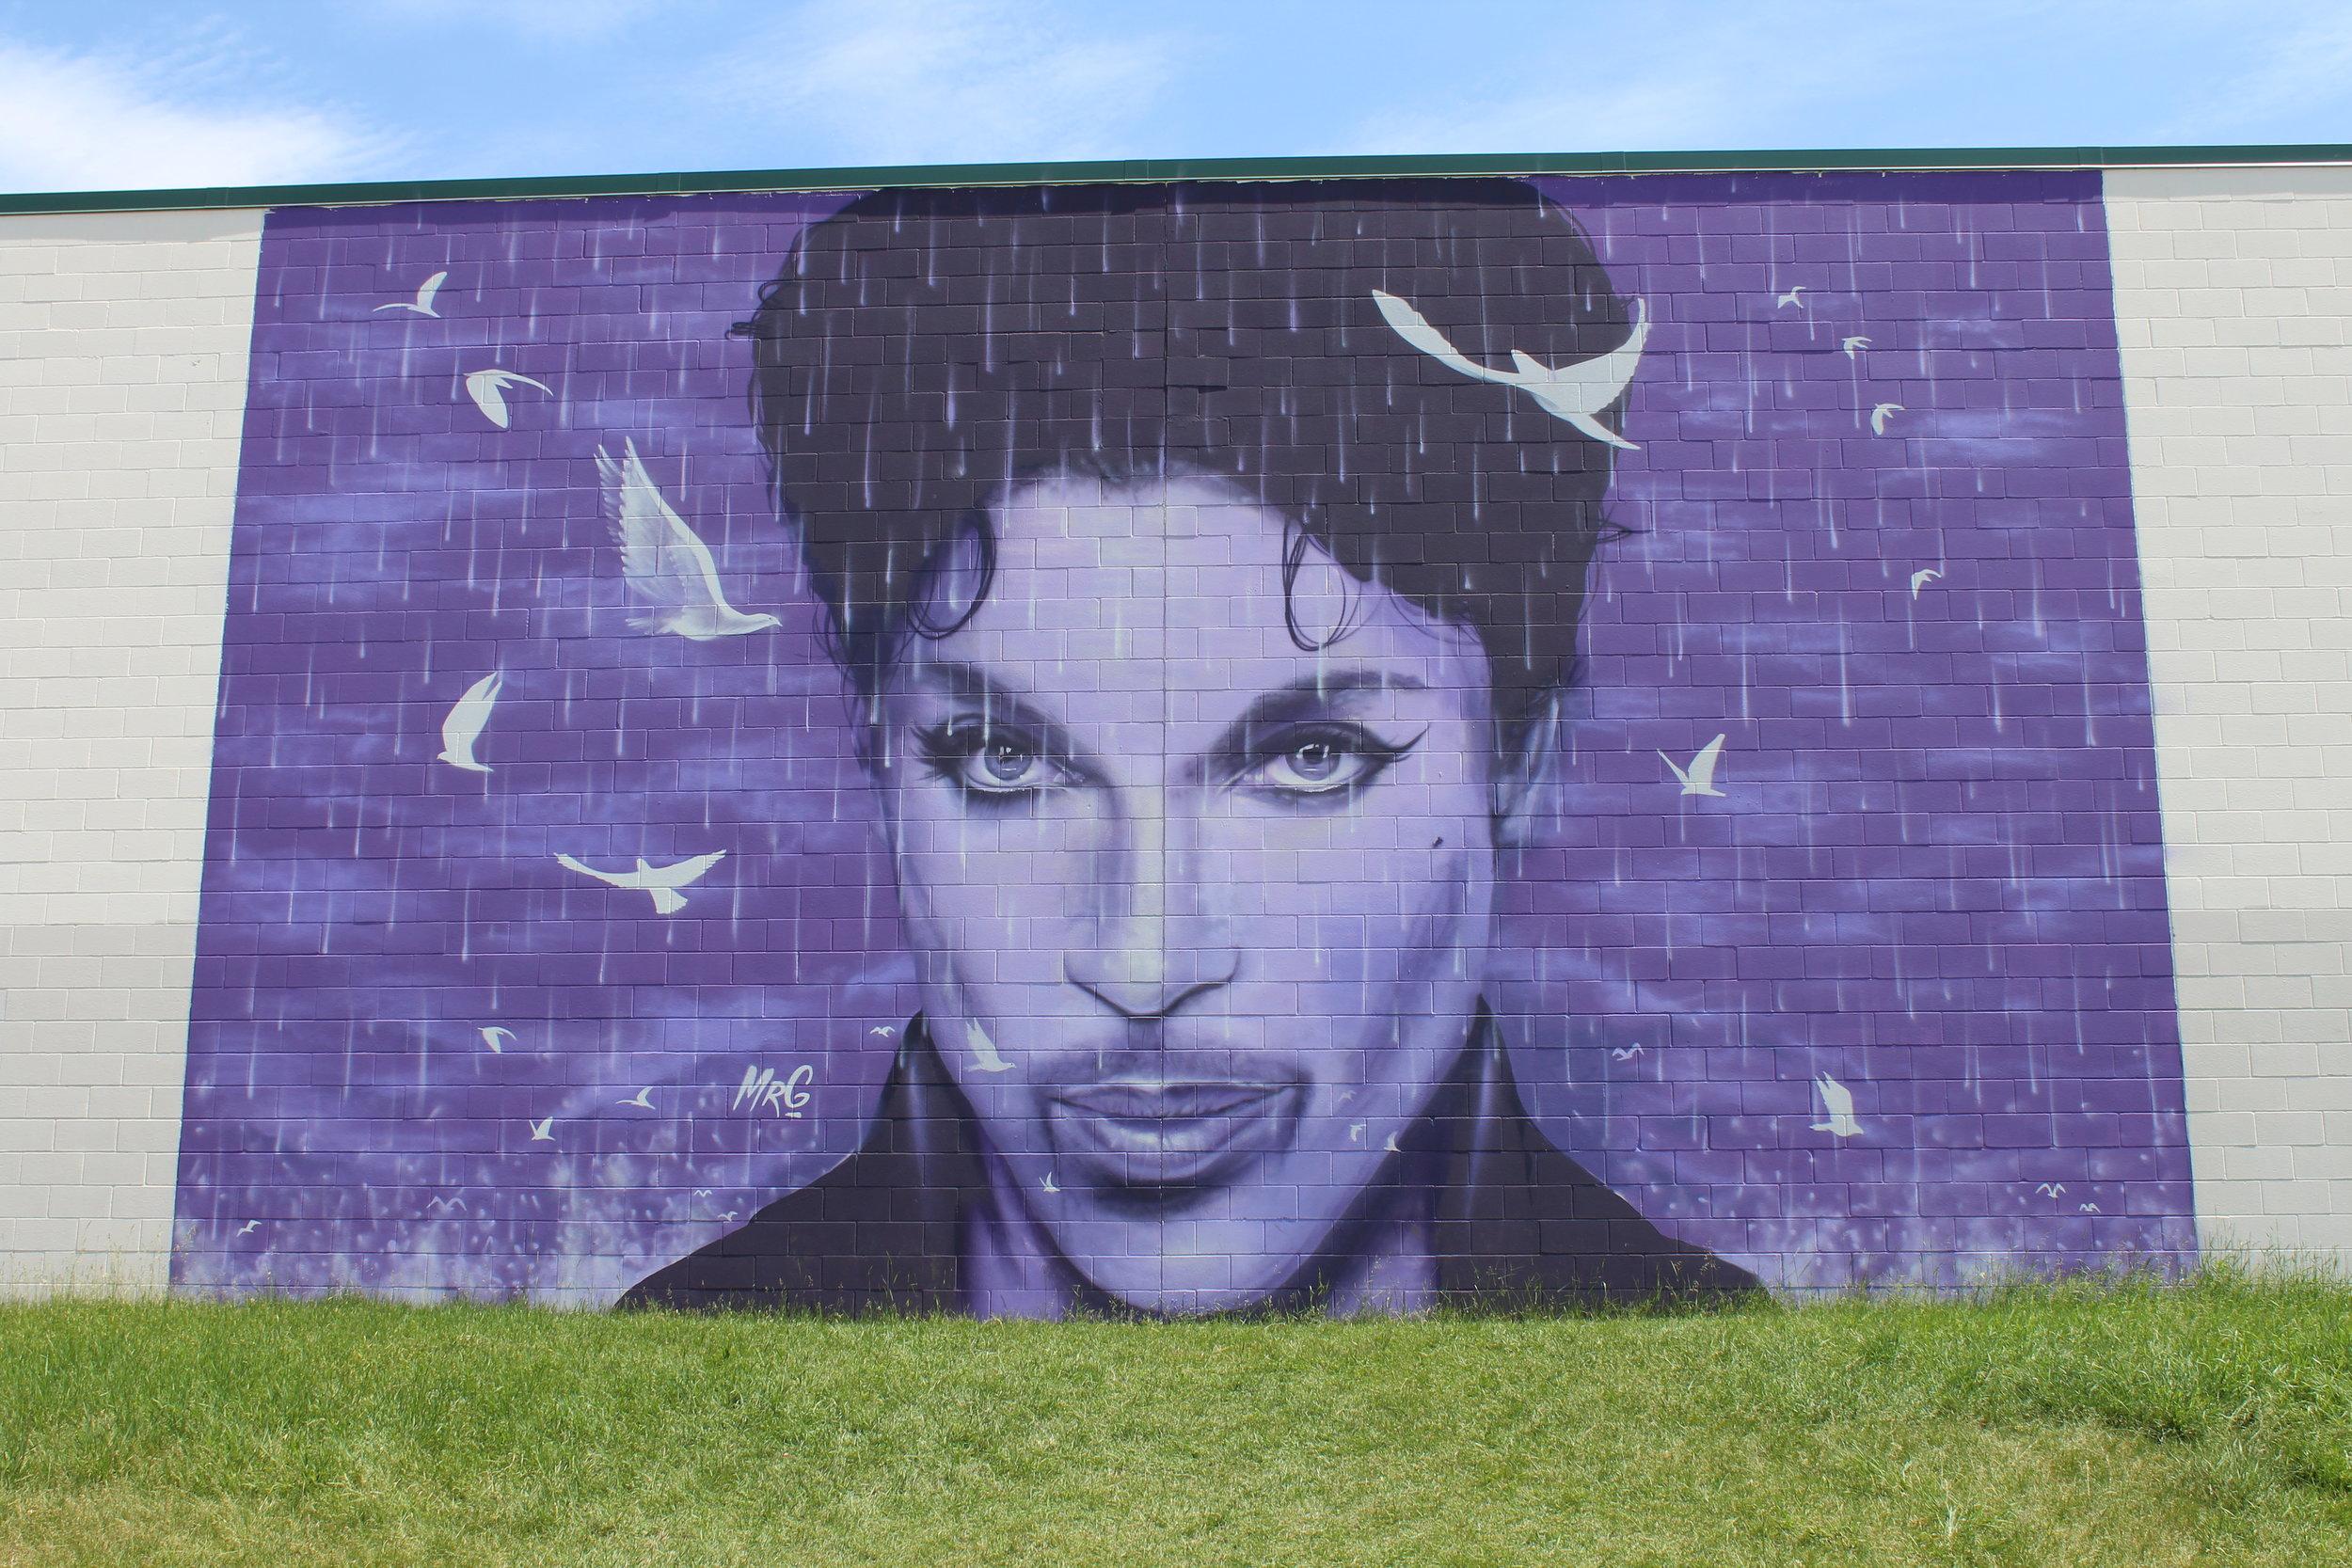 prince_mural2.JPG